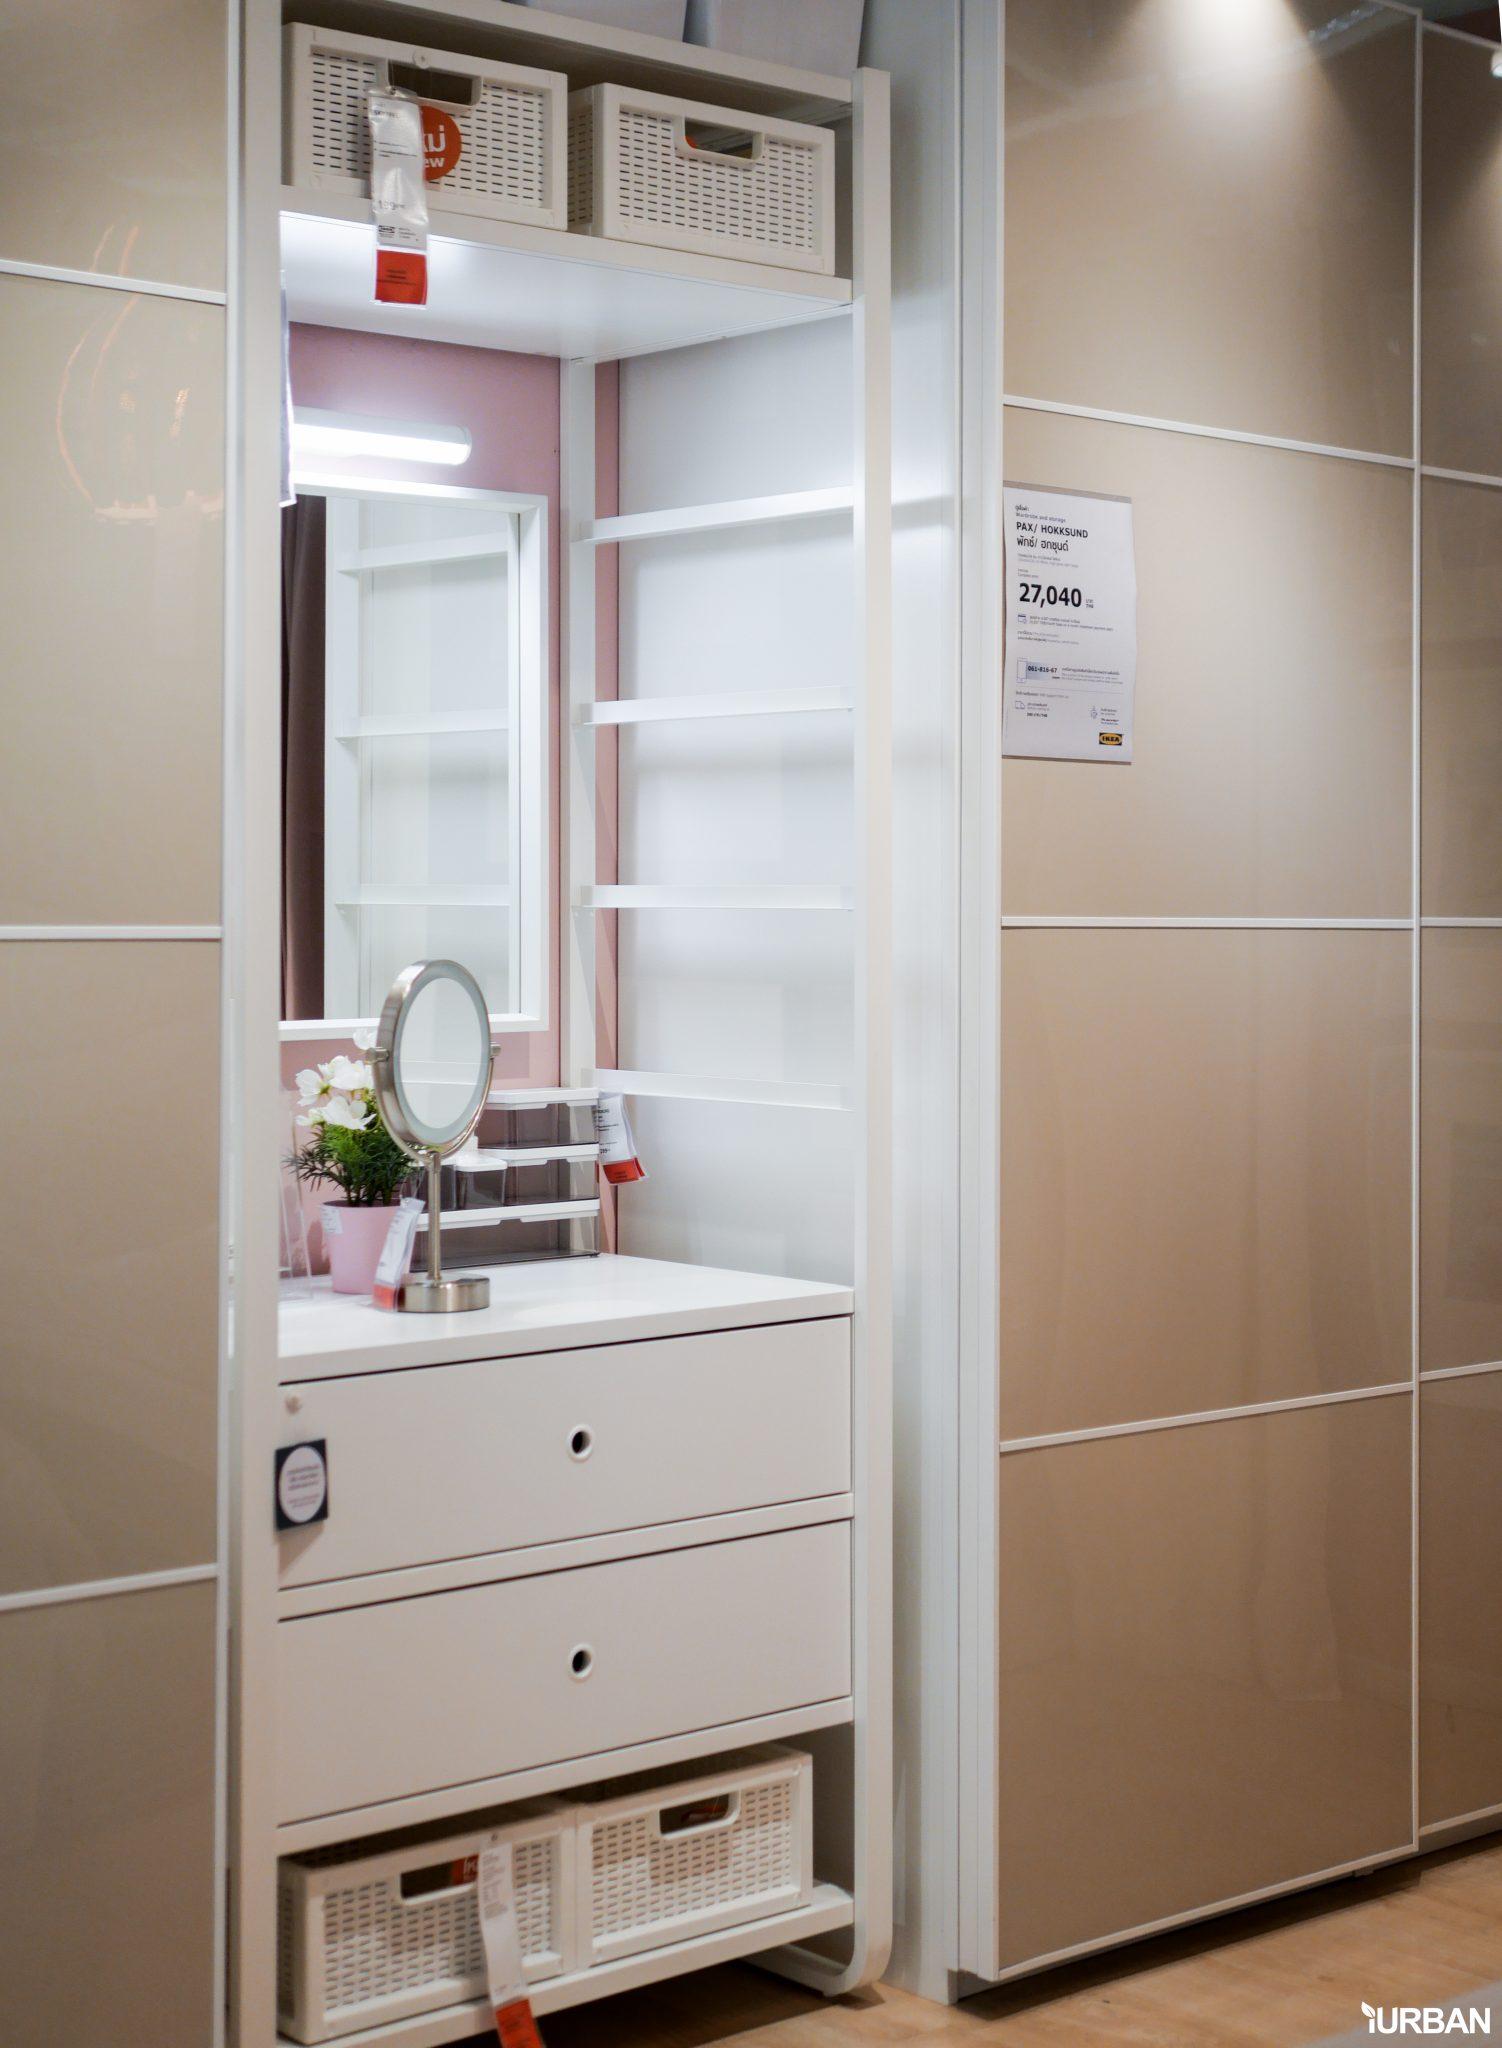 """9 วิธีจัดห้องเก่าให้เหมือนใหม่ ลอกวิธีจัดห้องในพื้นที่เล็ก """"Small Space"""" แบบ IKEA 33 - Bedroom"""